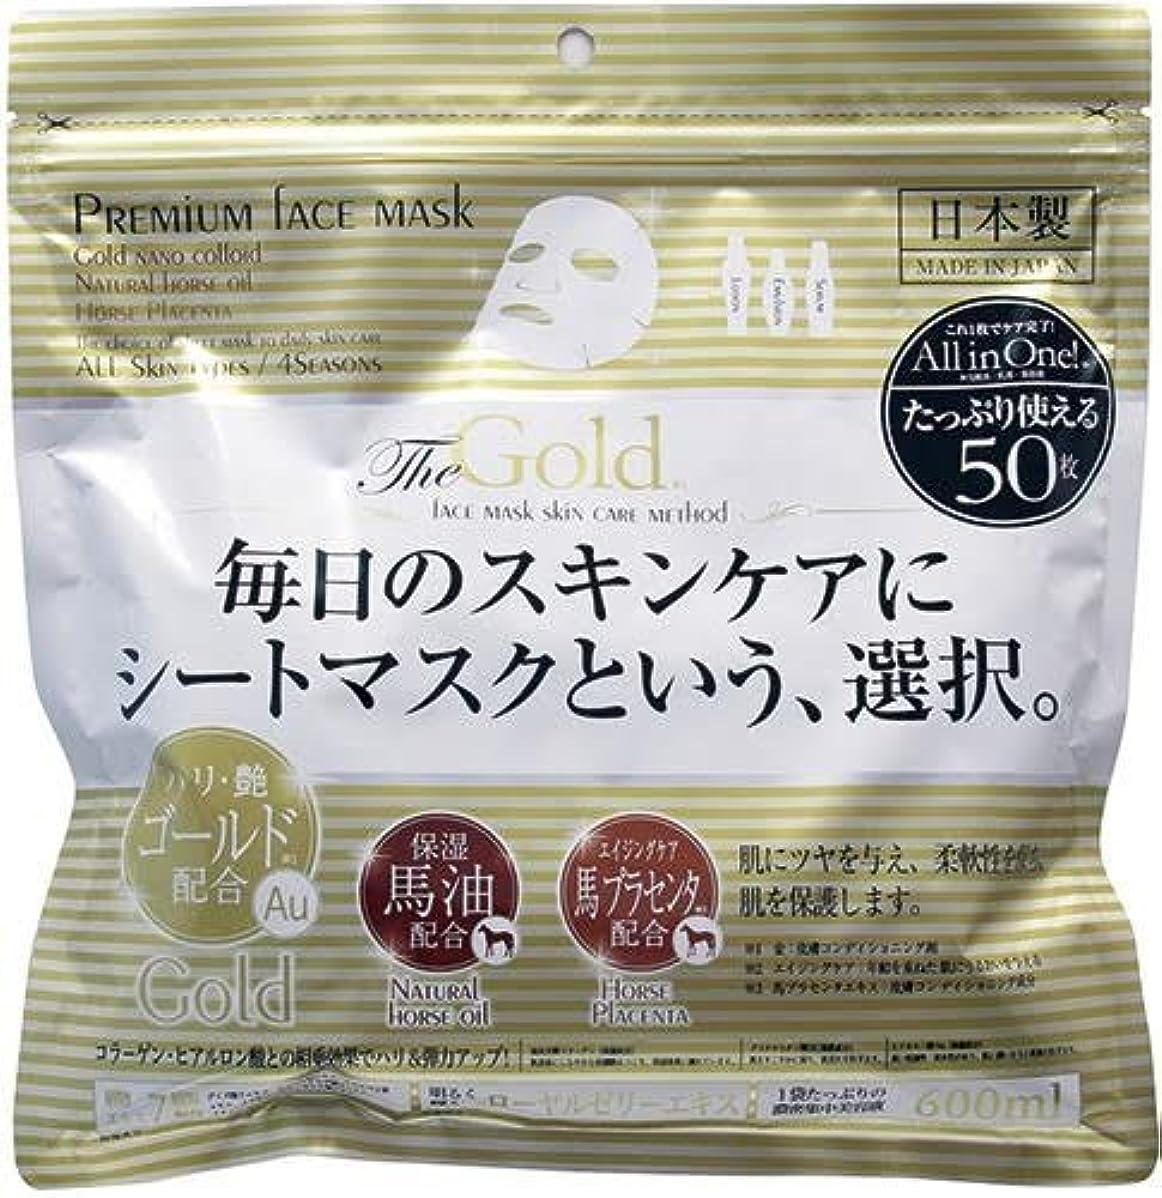 鋼符号どれかプレミアムフェイスマスク ゴールド 50枚入 6個セット ★化粧水、乳液、美容液 ★オールインワンシートマスク